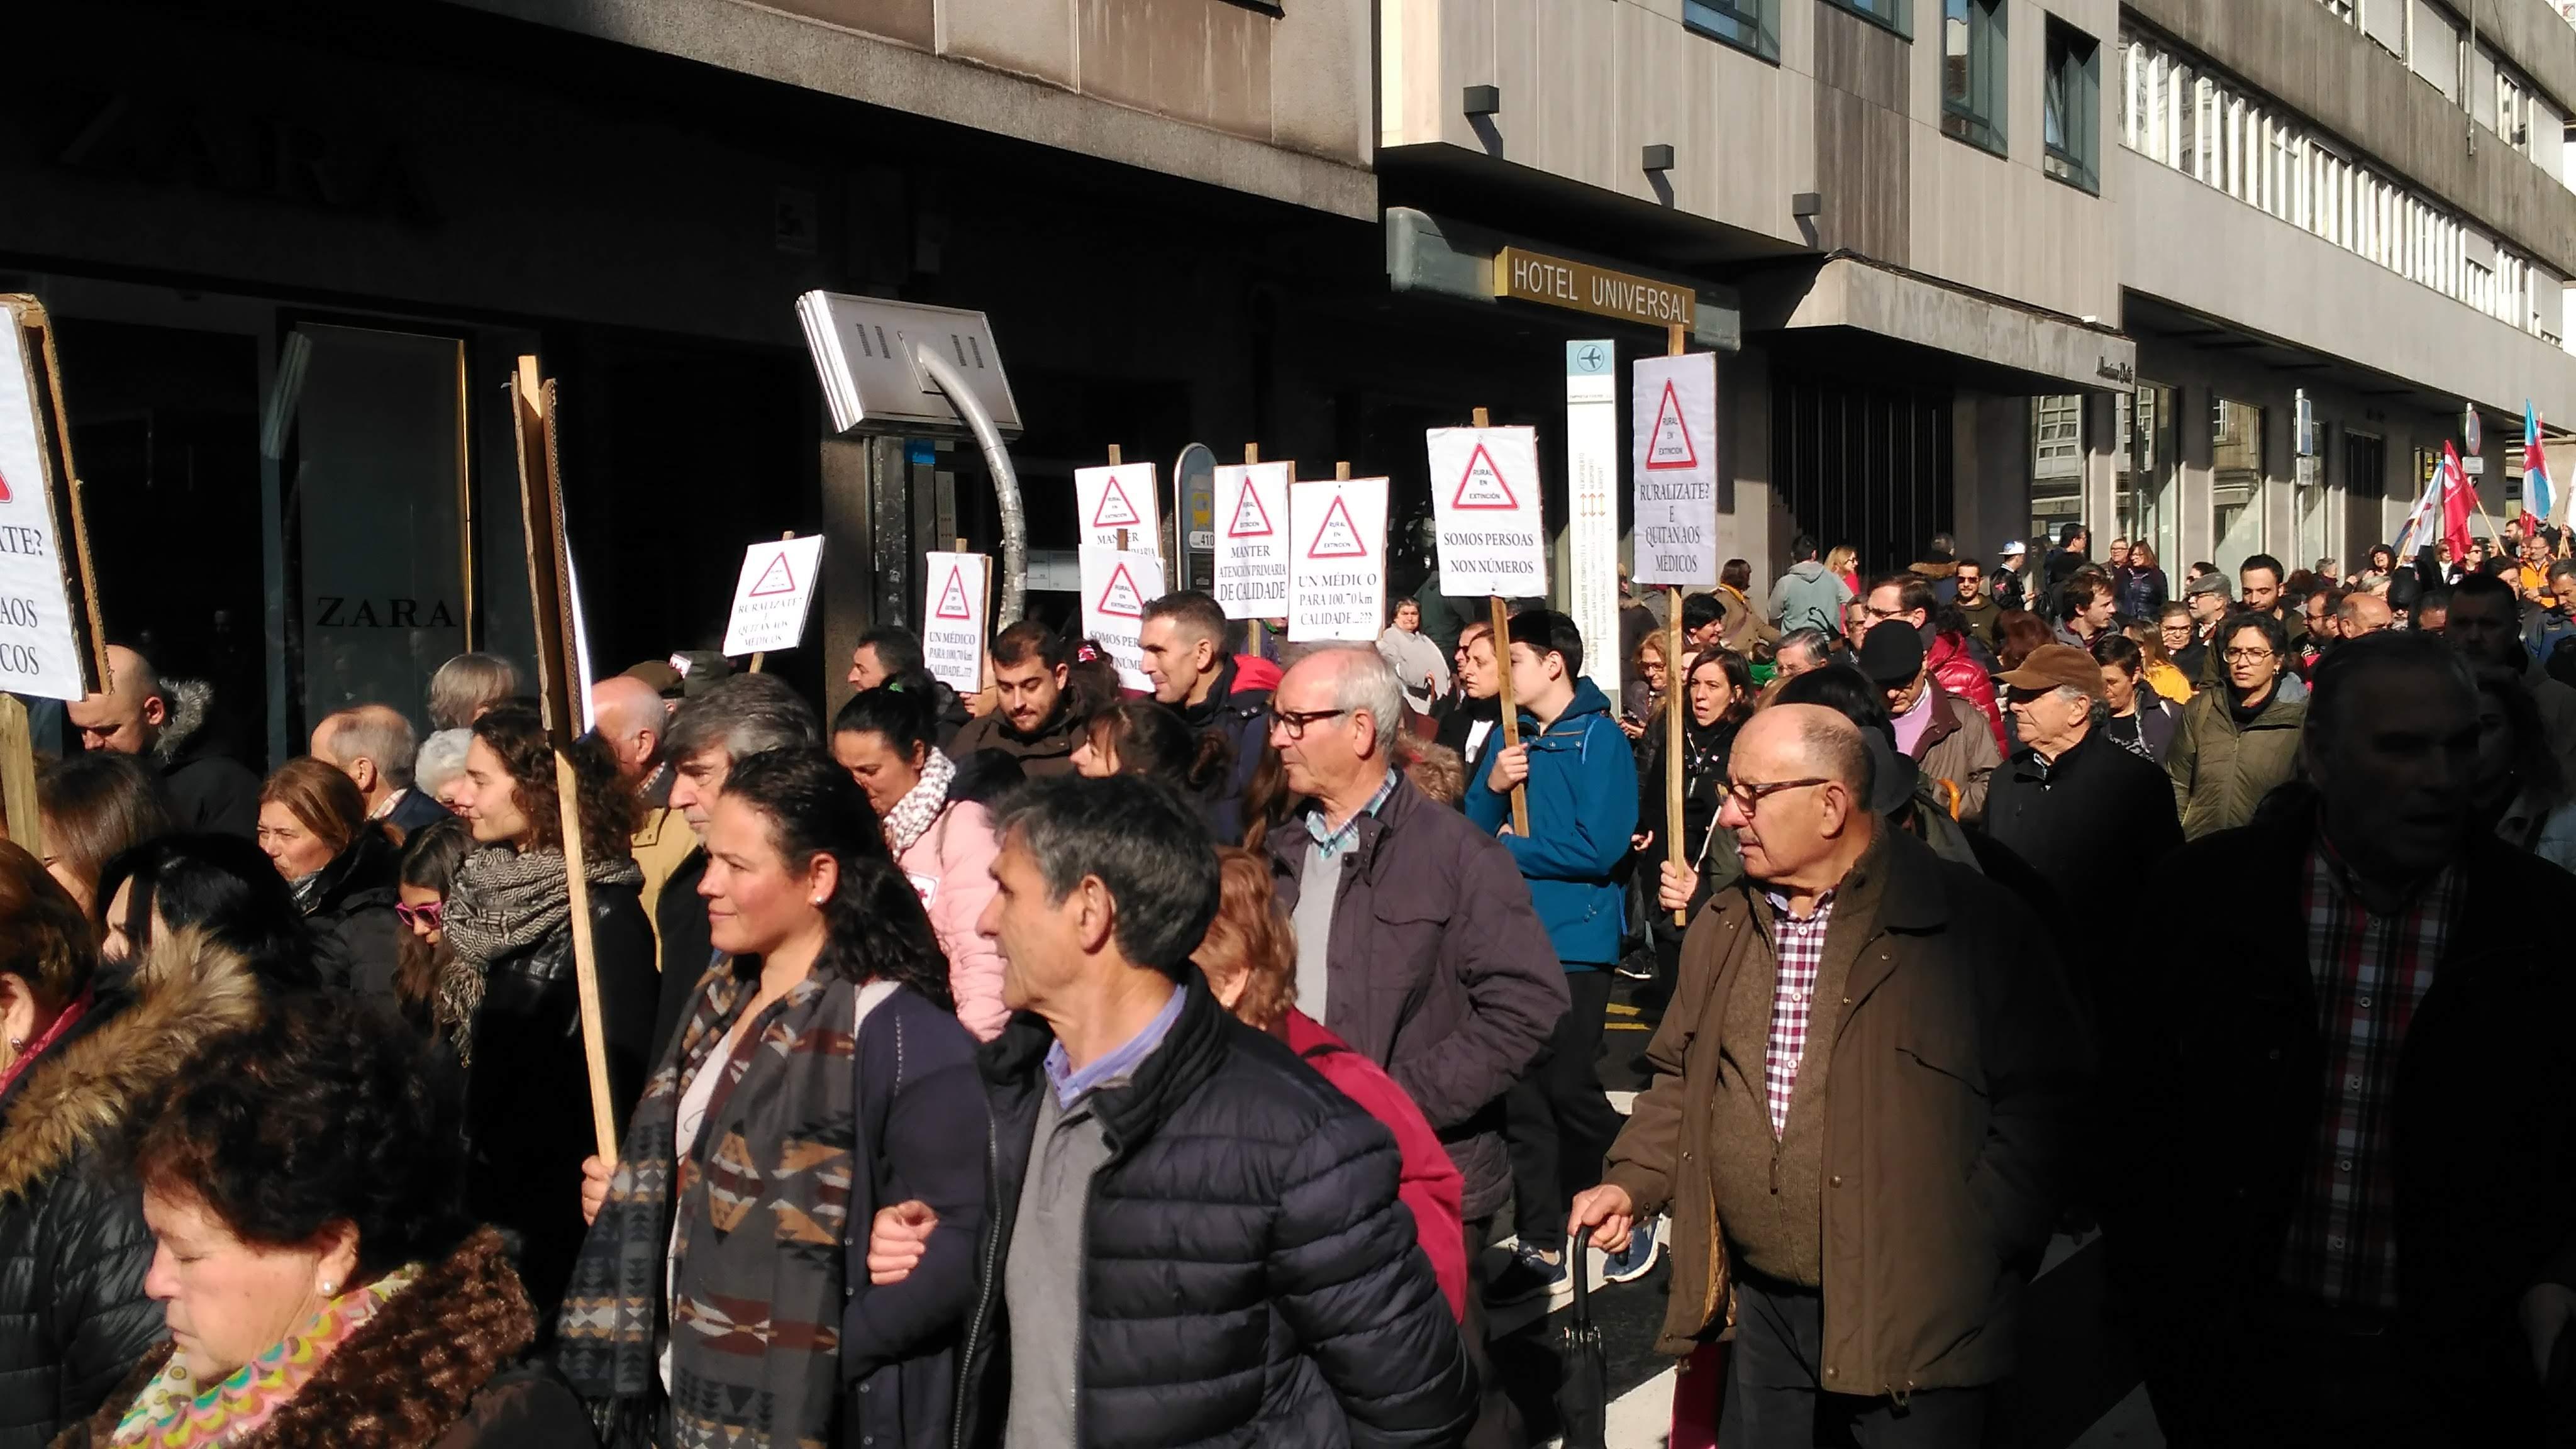 Manifestantes a reclamar garantía de servizos sanitarios no rural